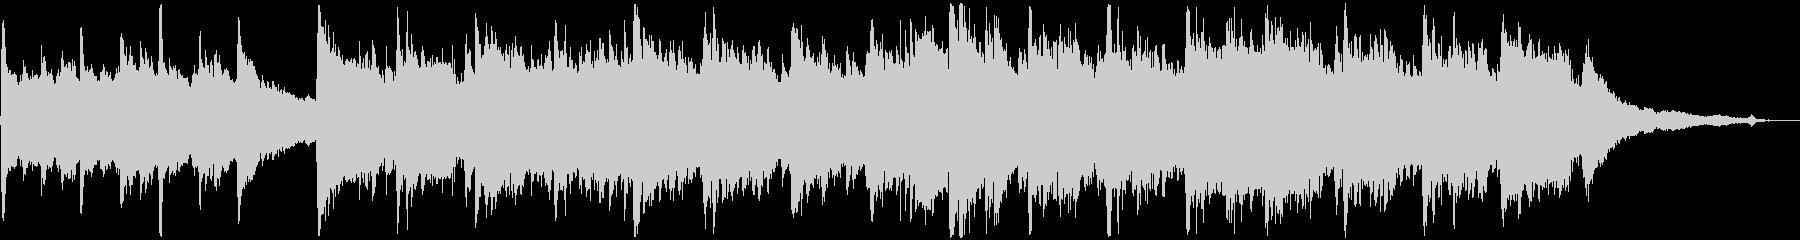 8bitシンセとアコギの切ないBGMの未再生の波形